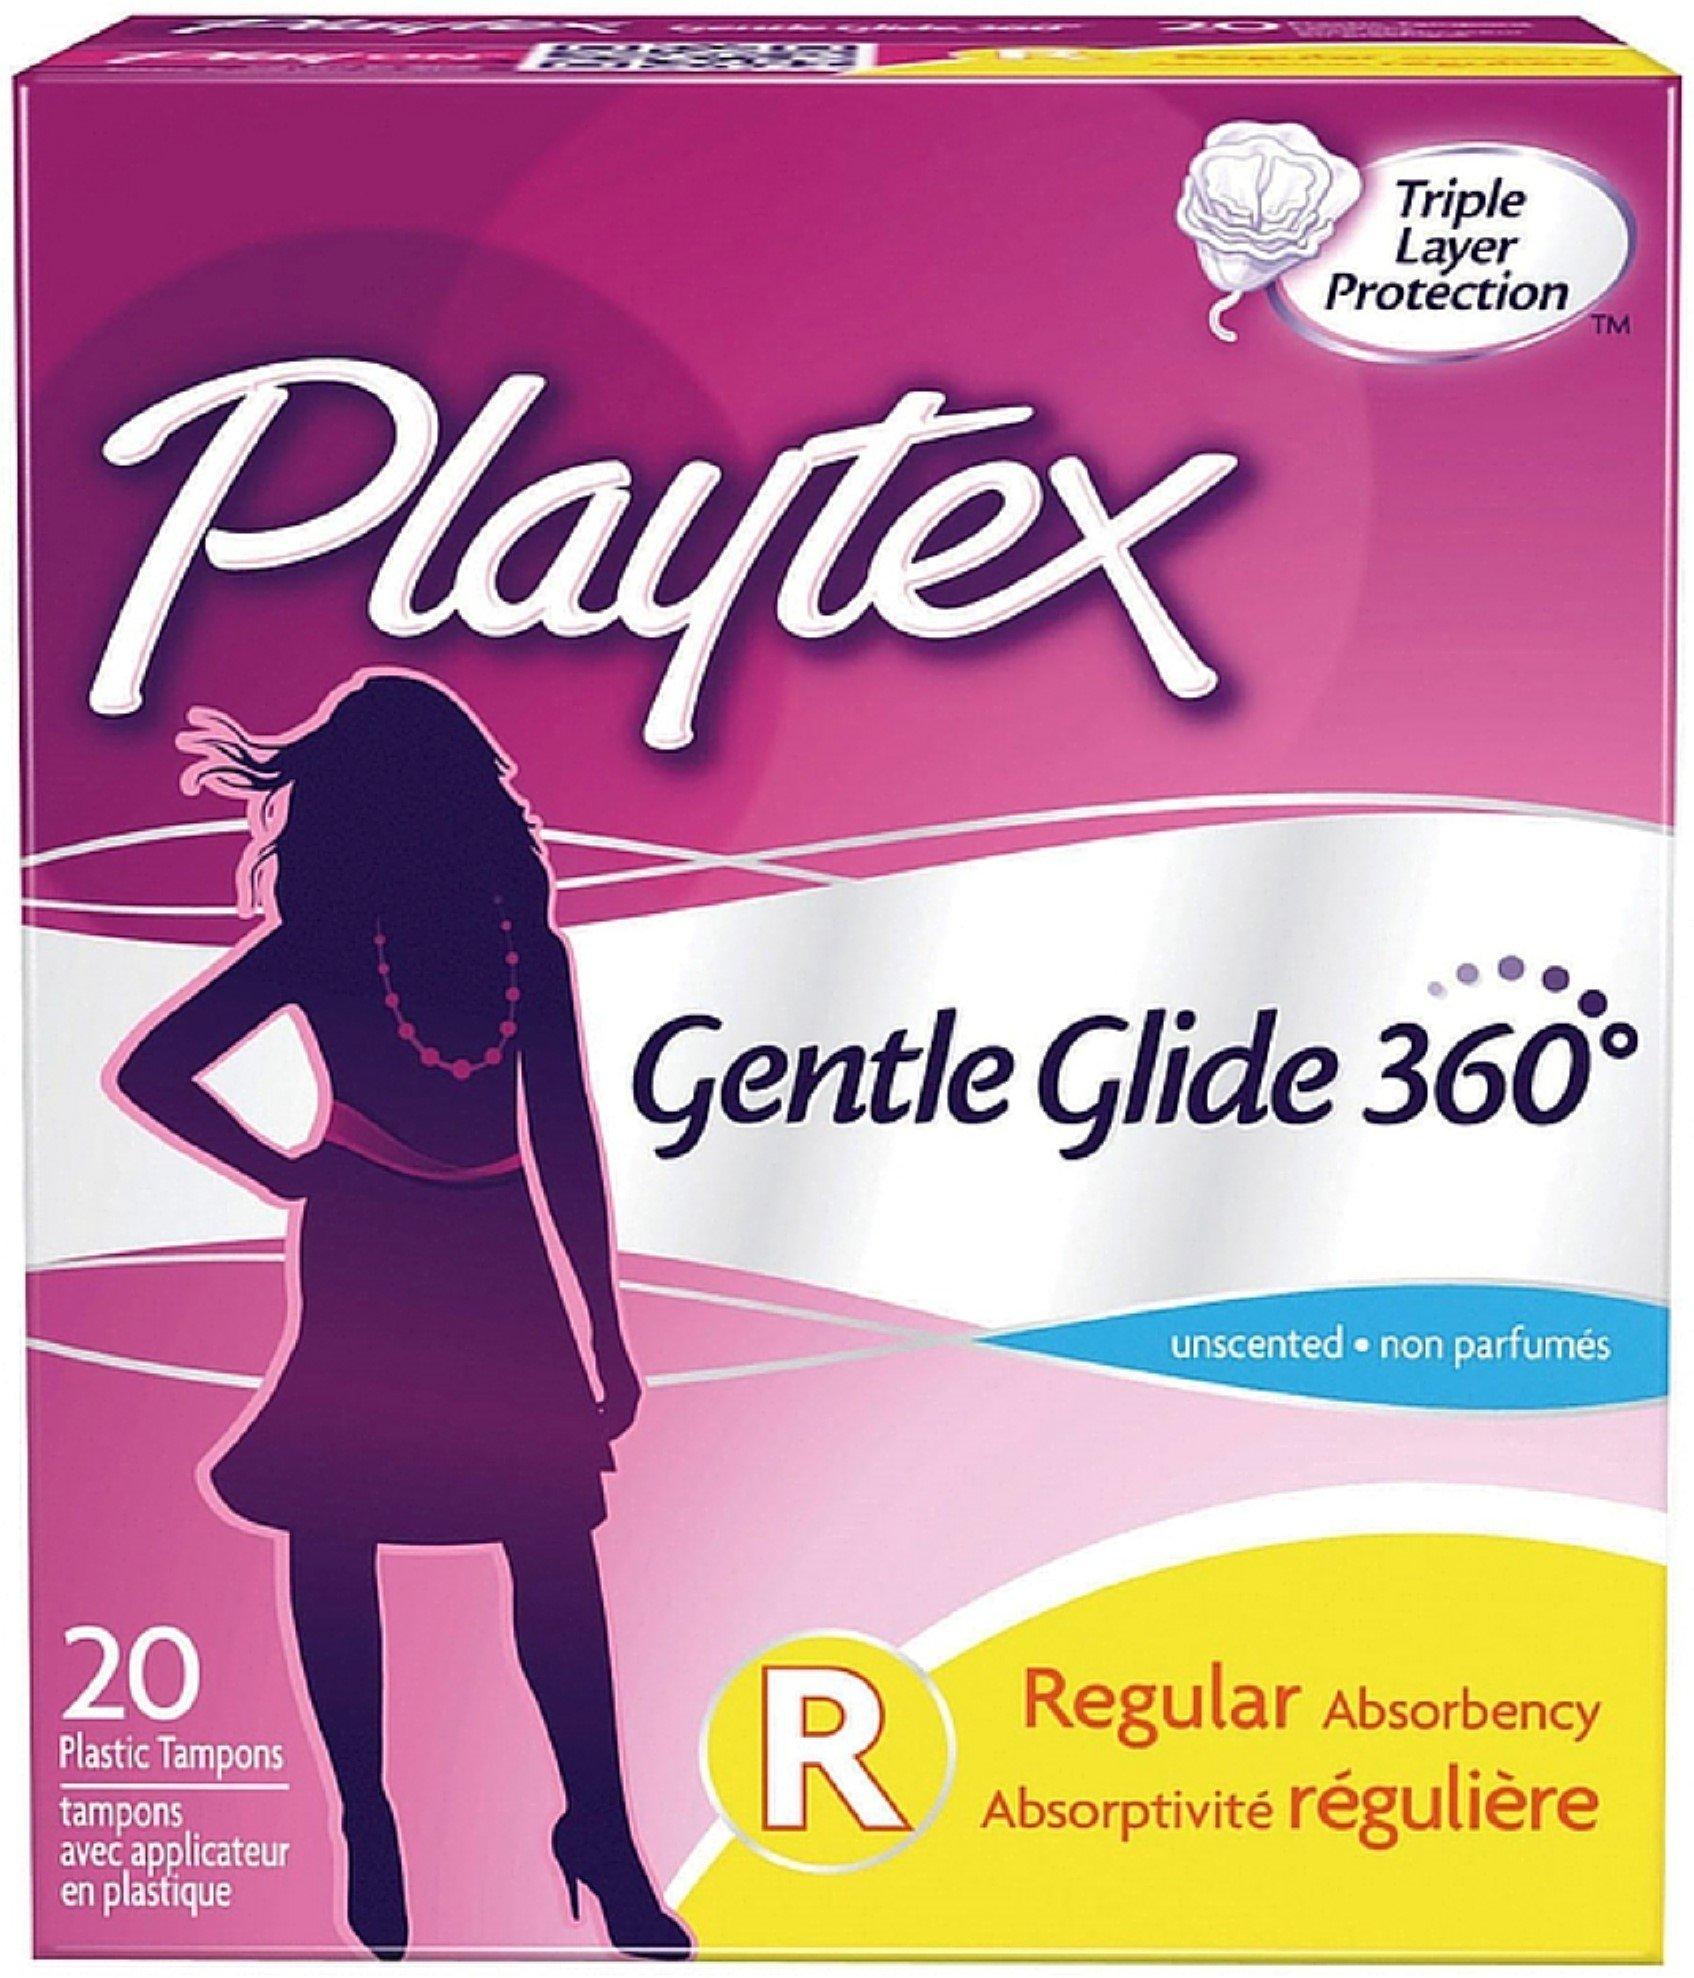 Playtex Gentle Glide 360 Unscented Regular Absorbency Tampons 20 ea (Pack of 11)